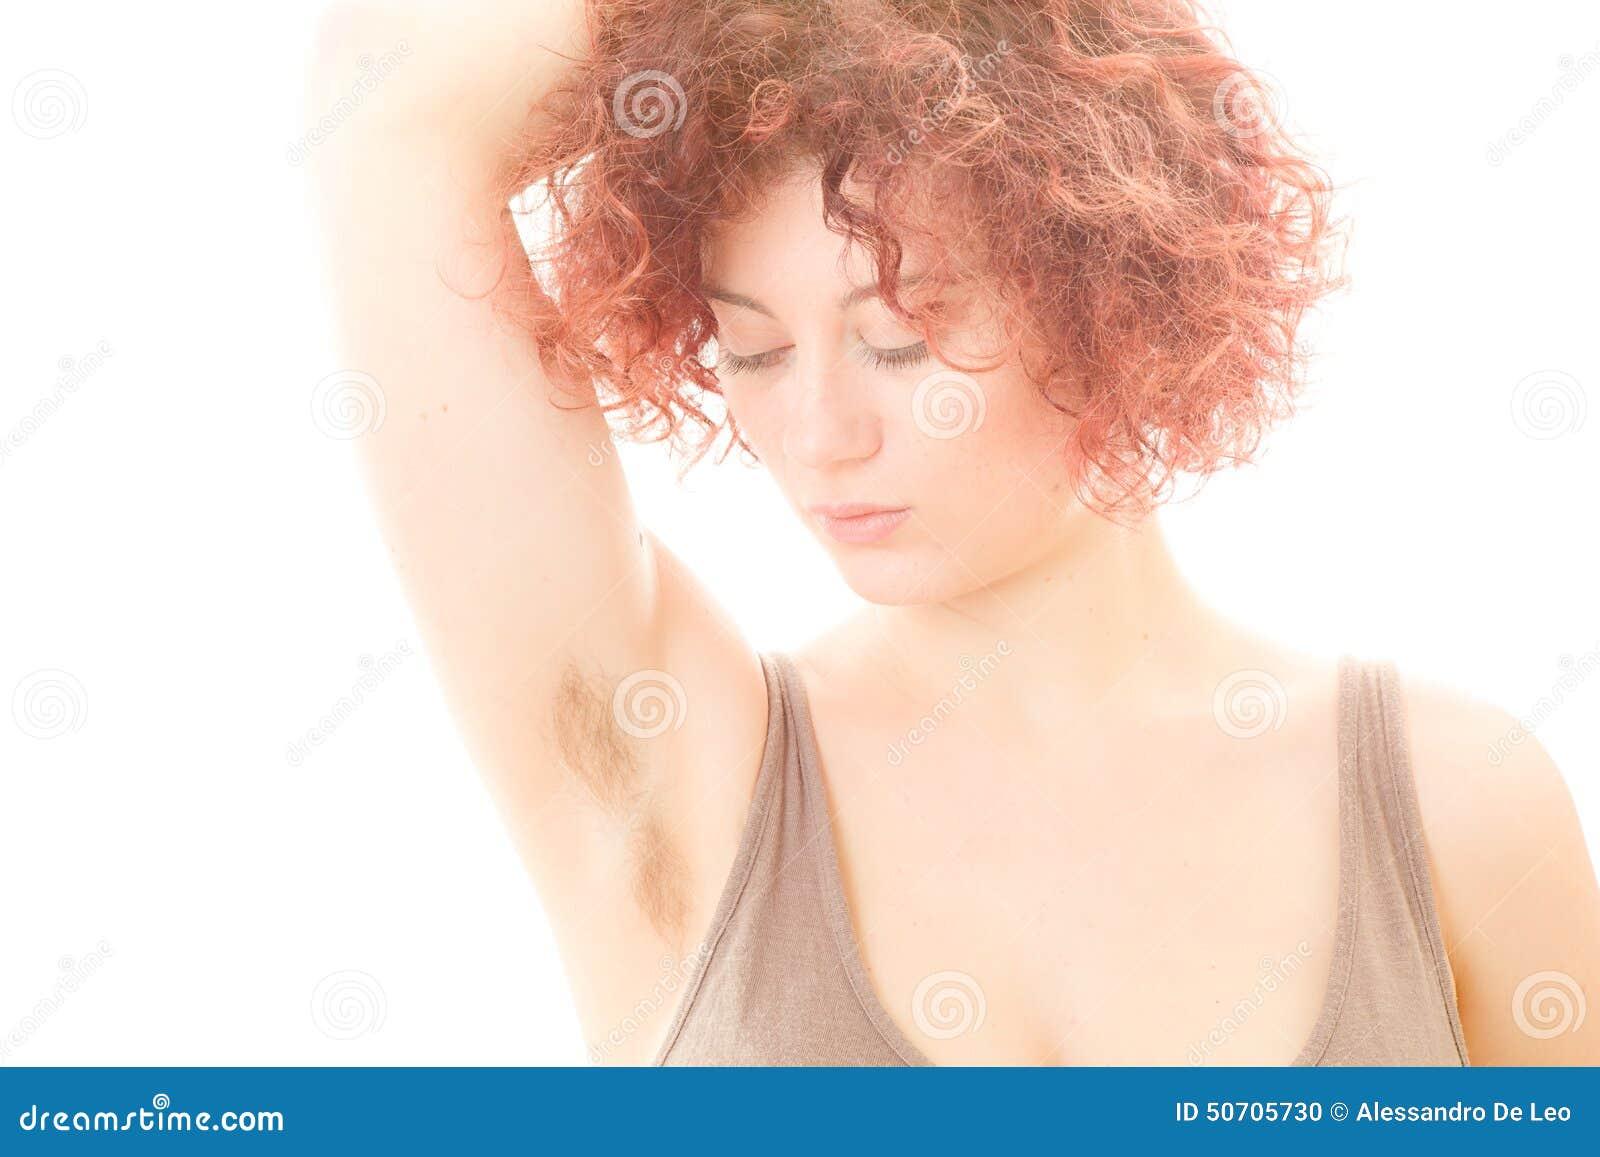 gujaratixxx woman armpit hear